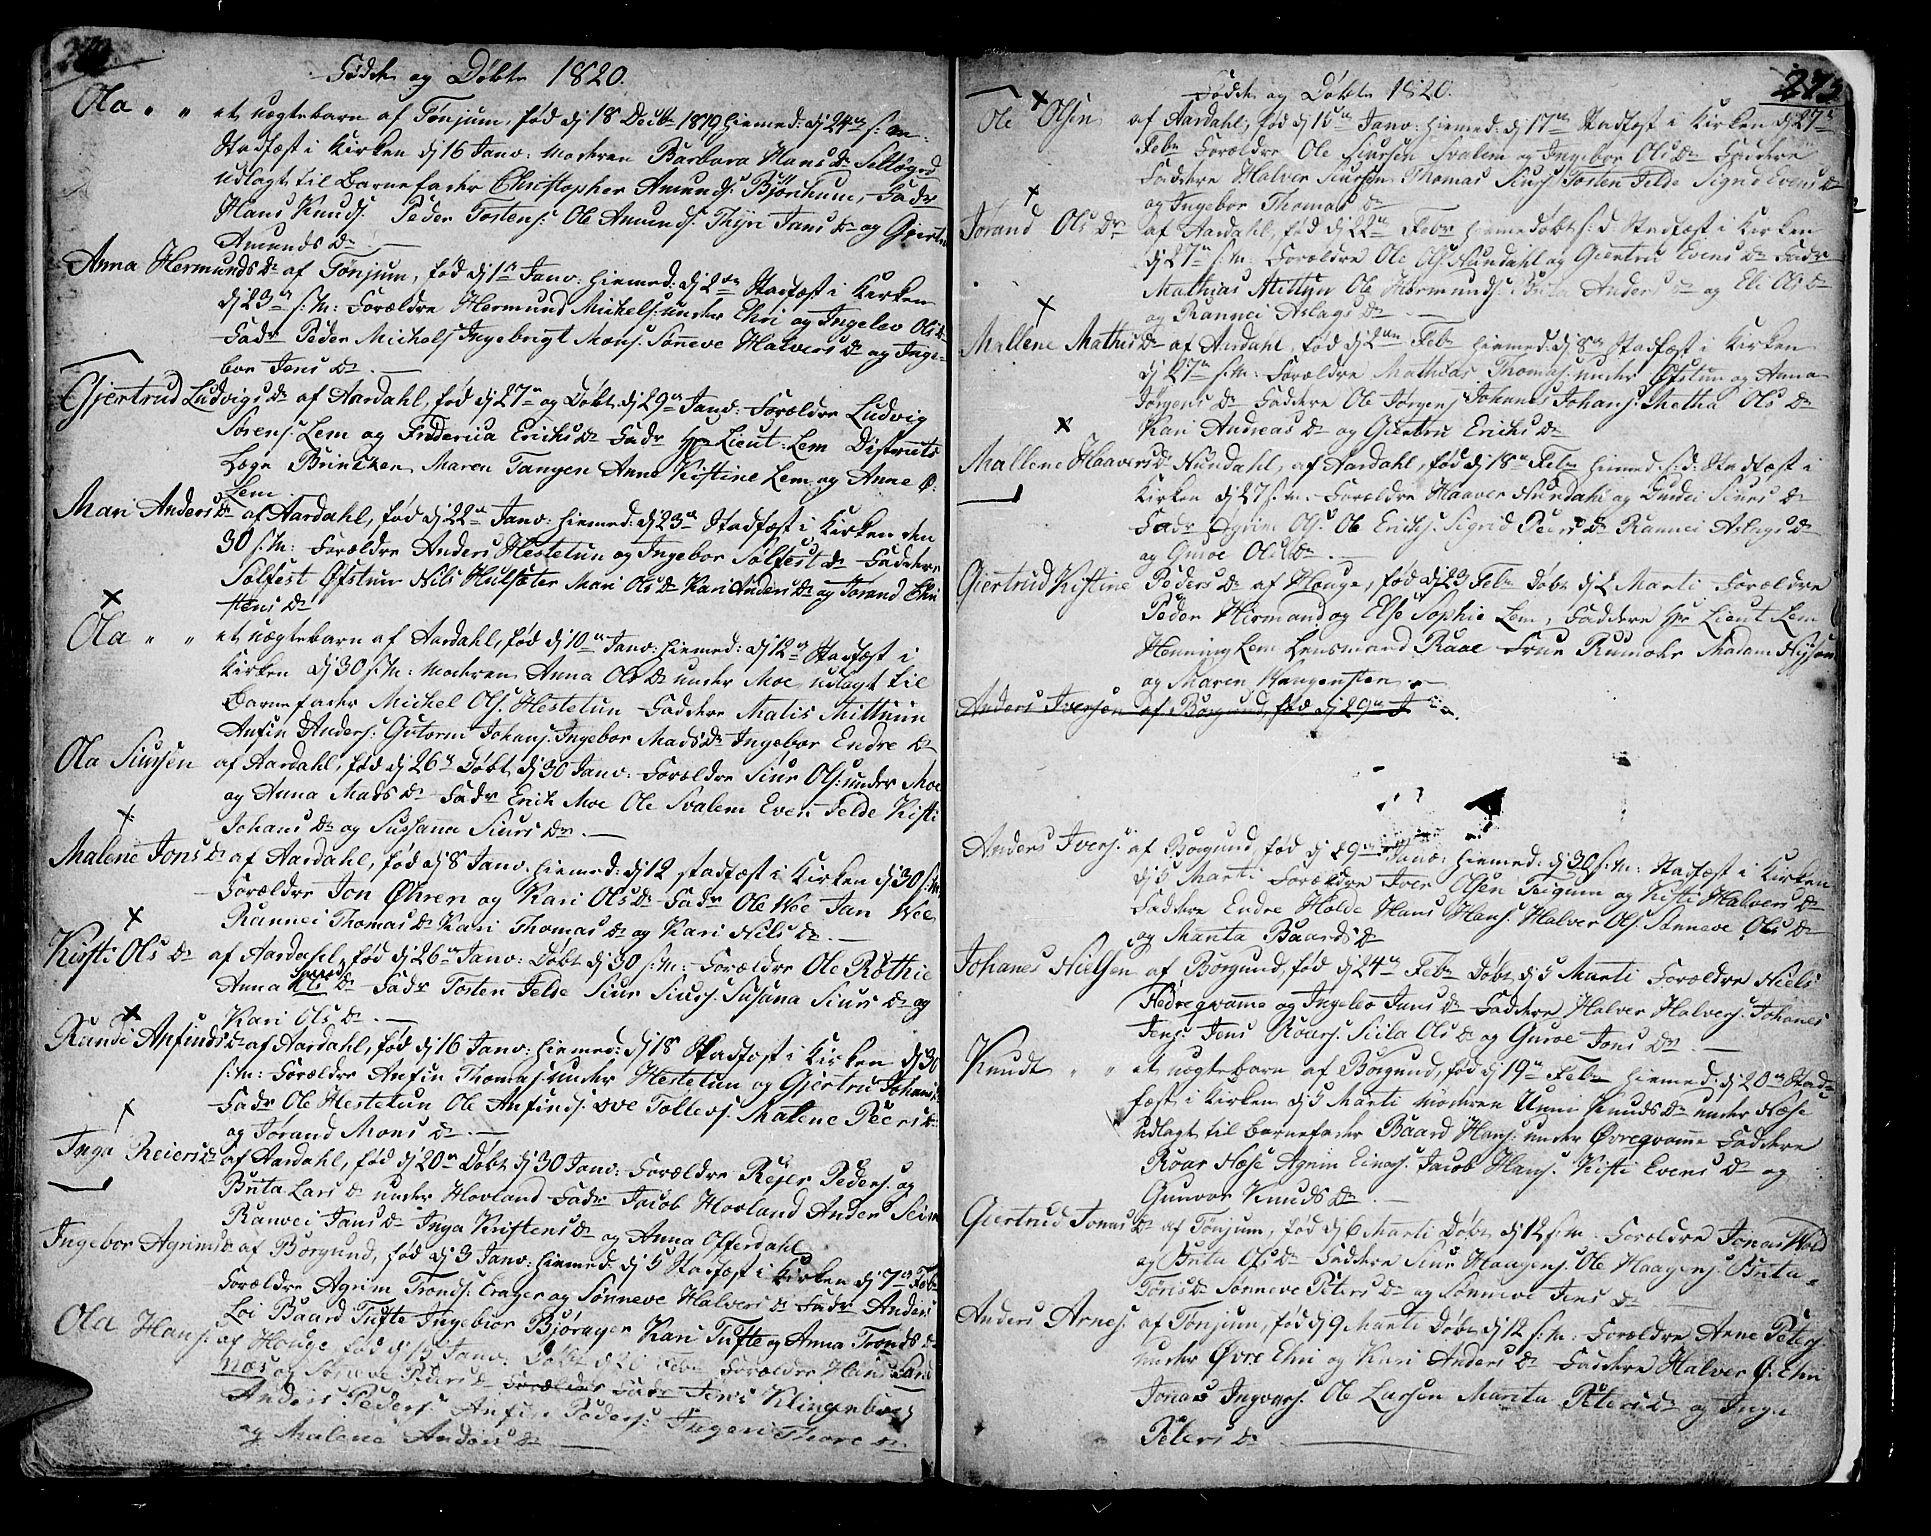 SAB, Lærdal sokneprestembete, Ministerialbok nr. A 4, 1805-1821, s. 274-275